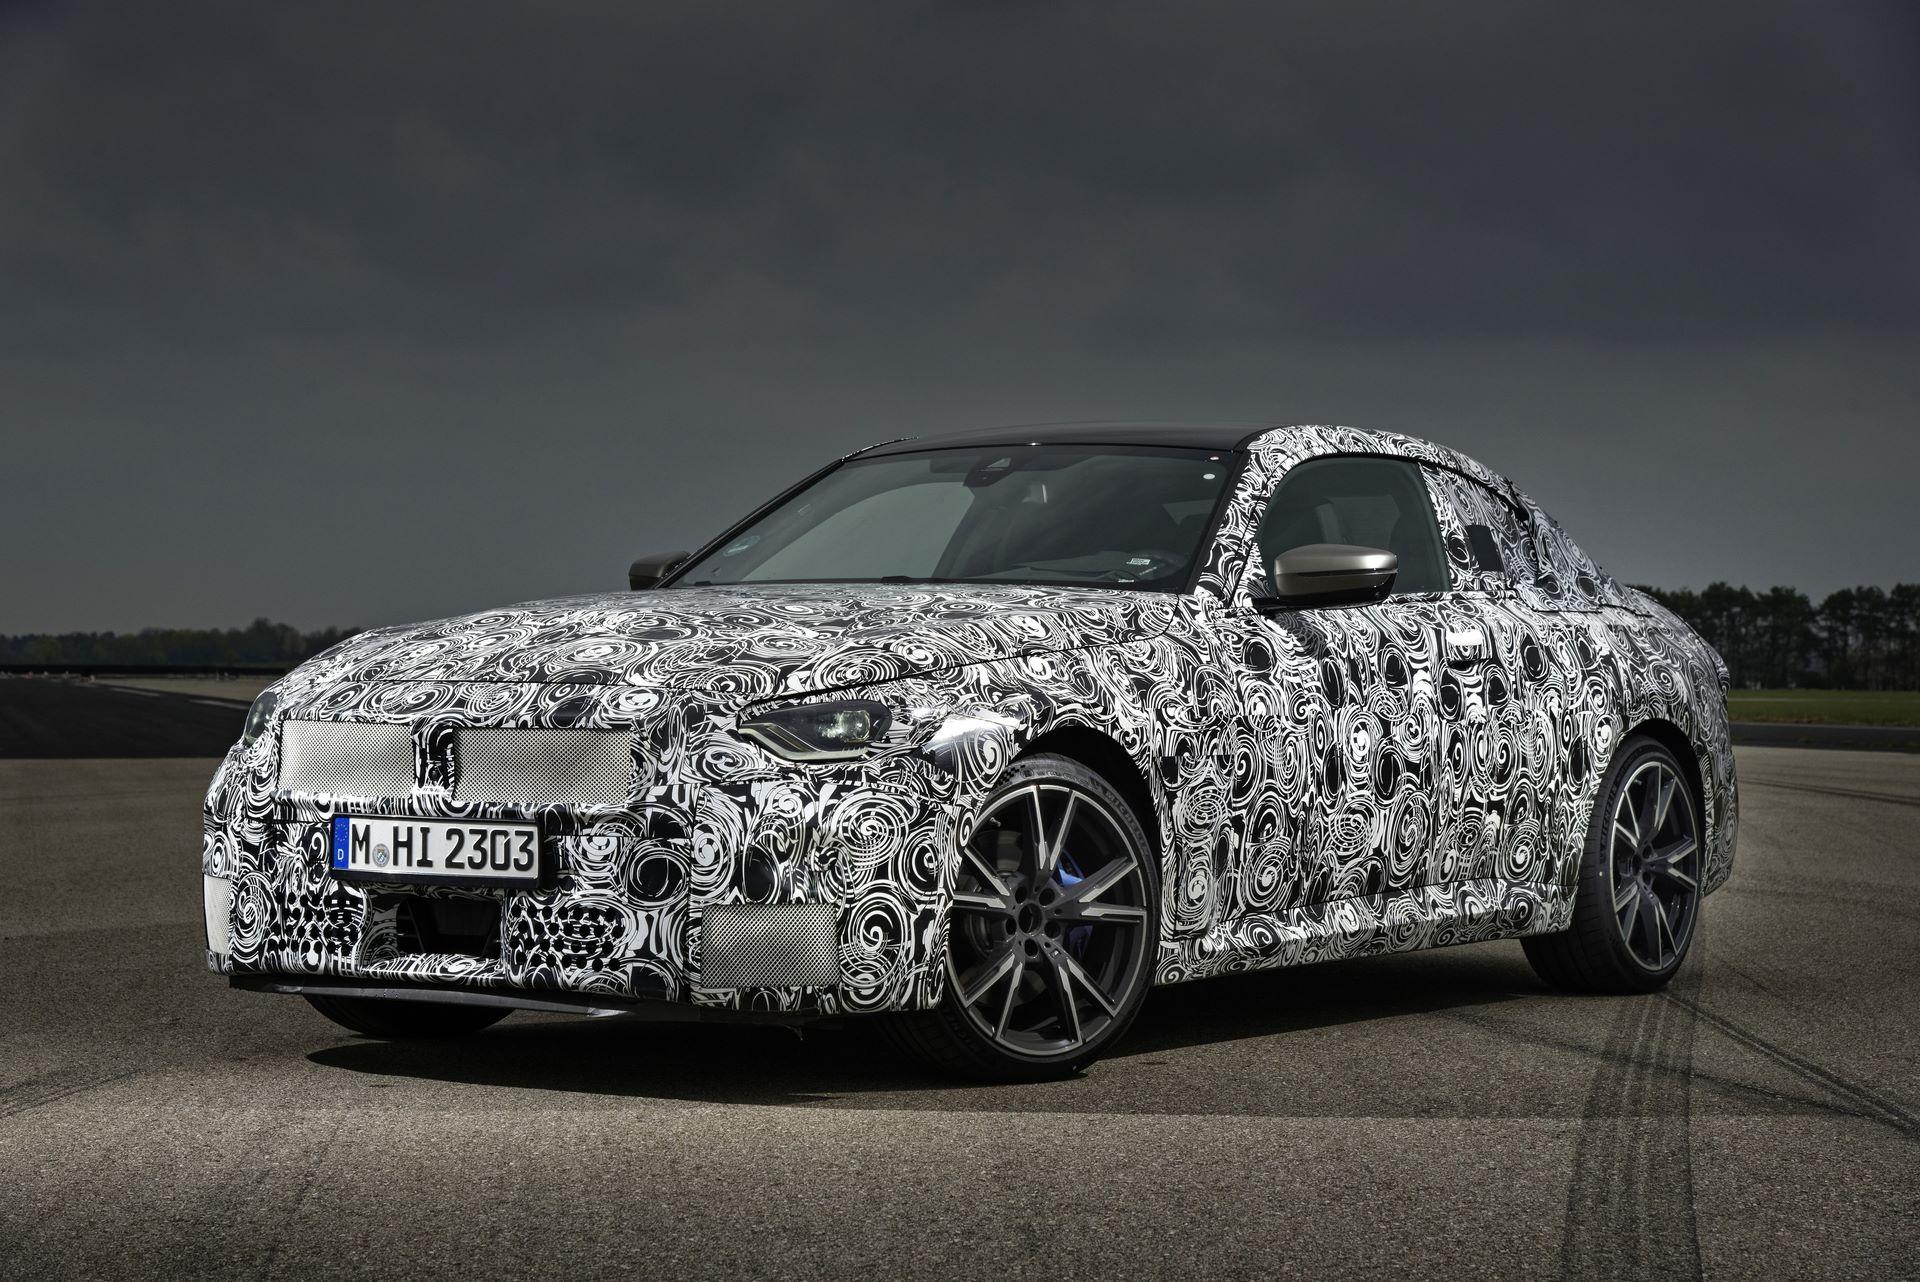 BMW-2-Series-M240i-spy-photos-97